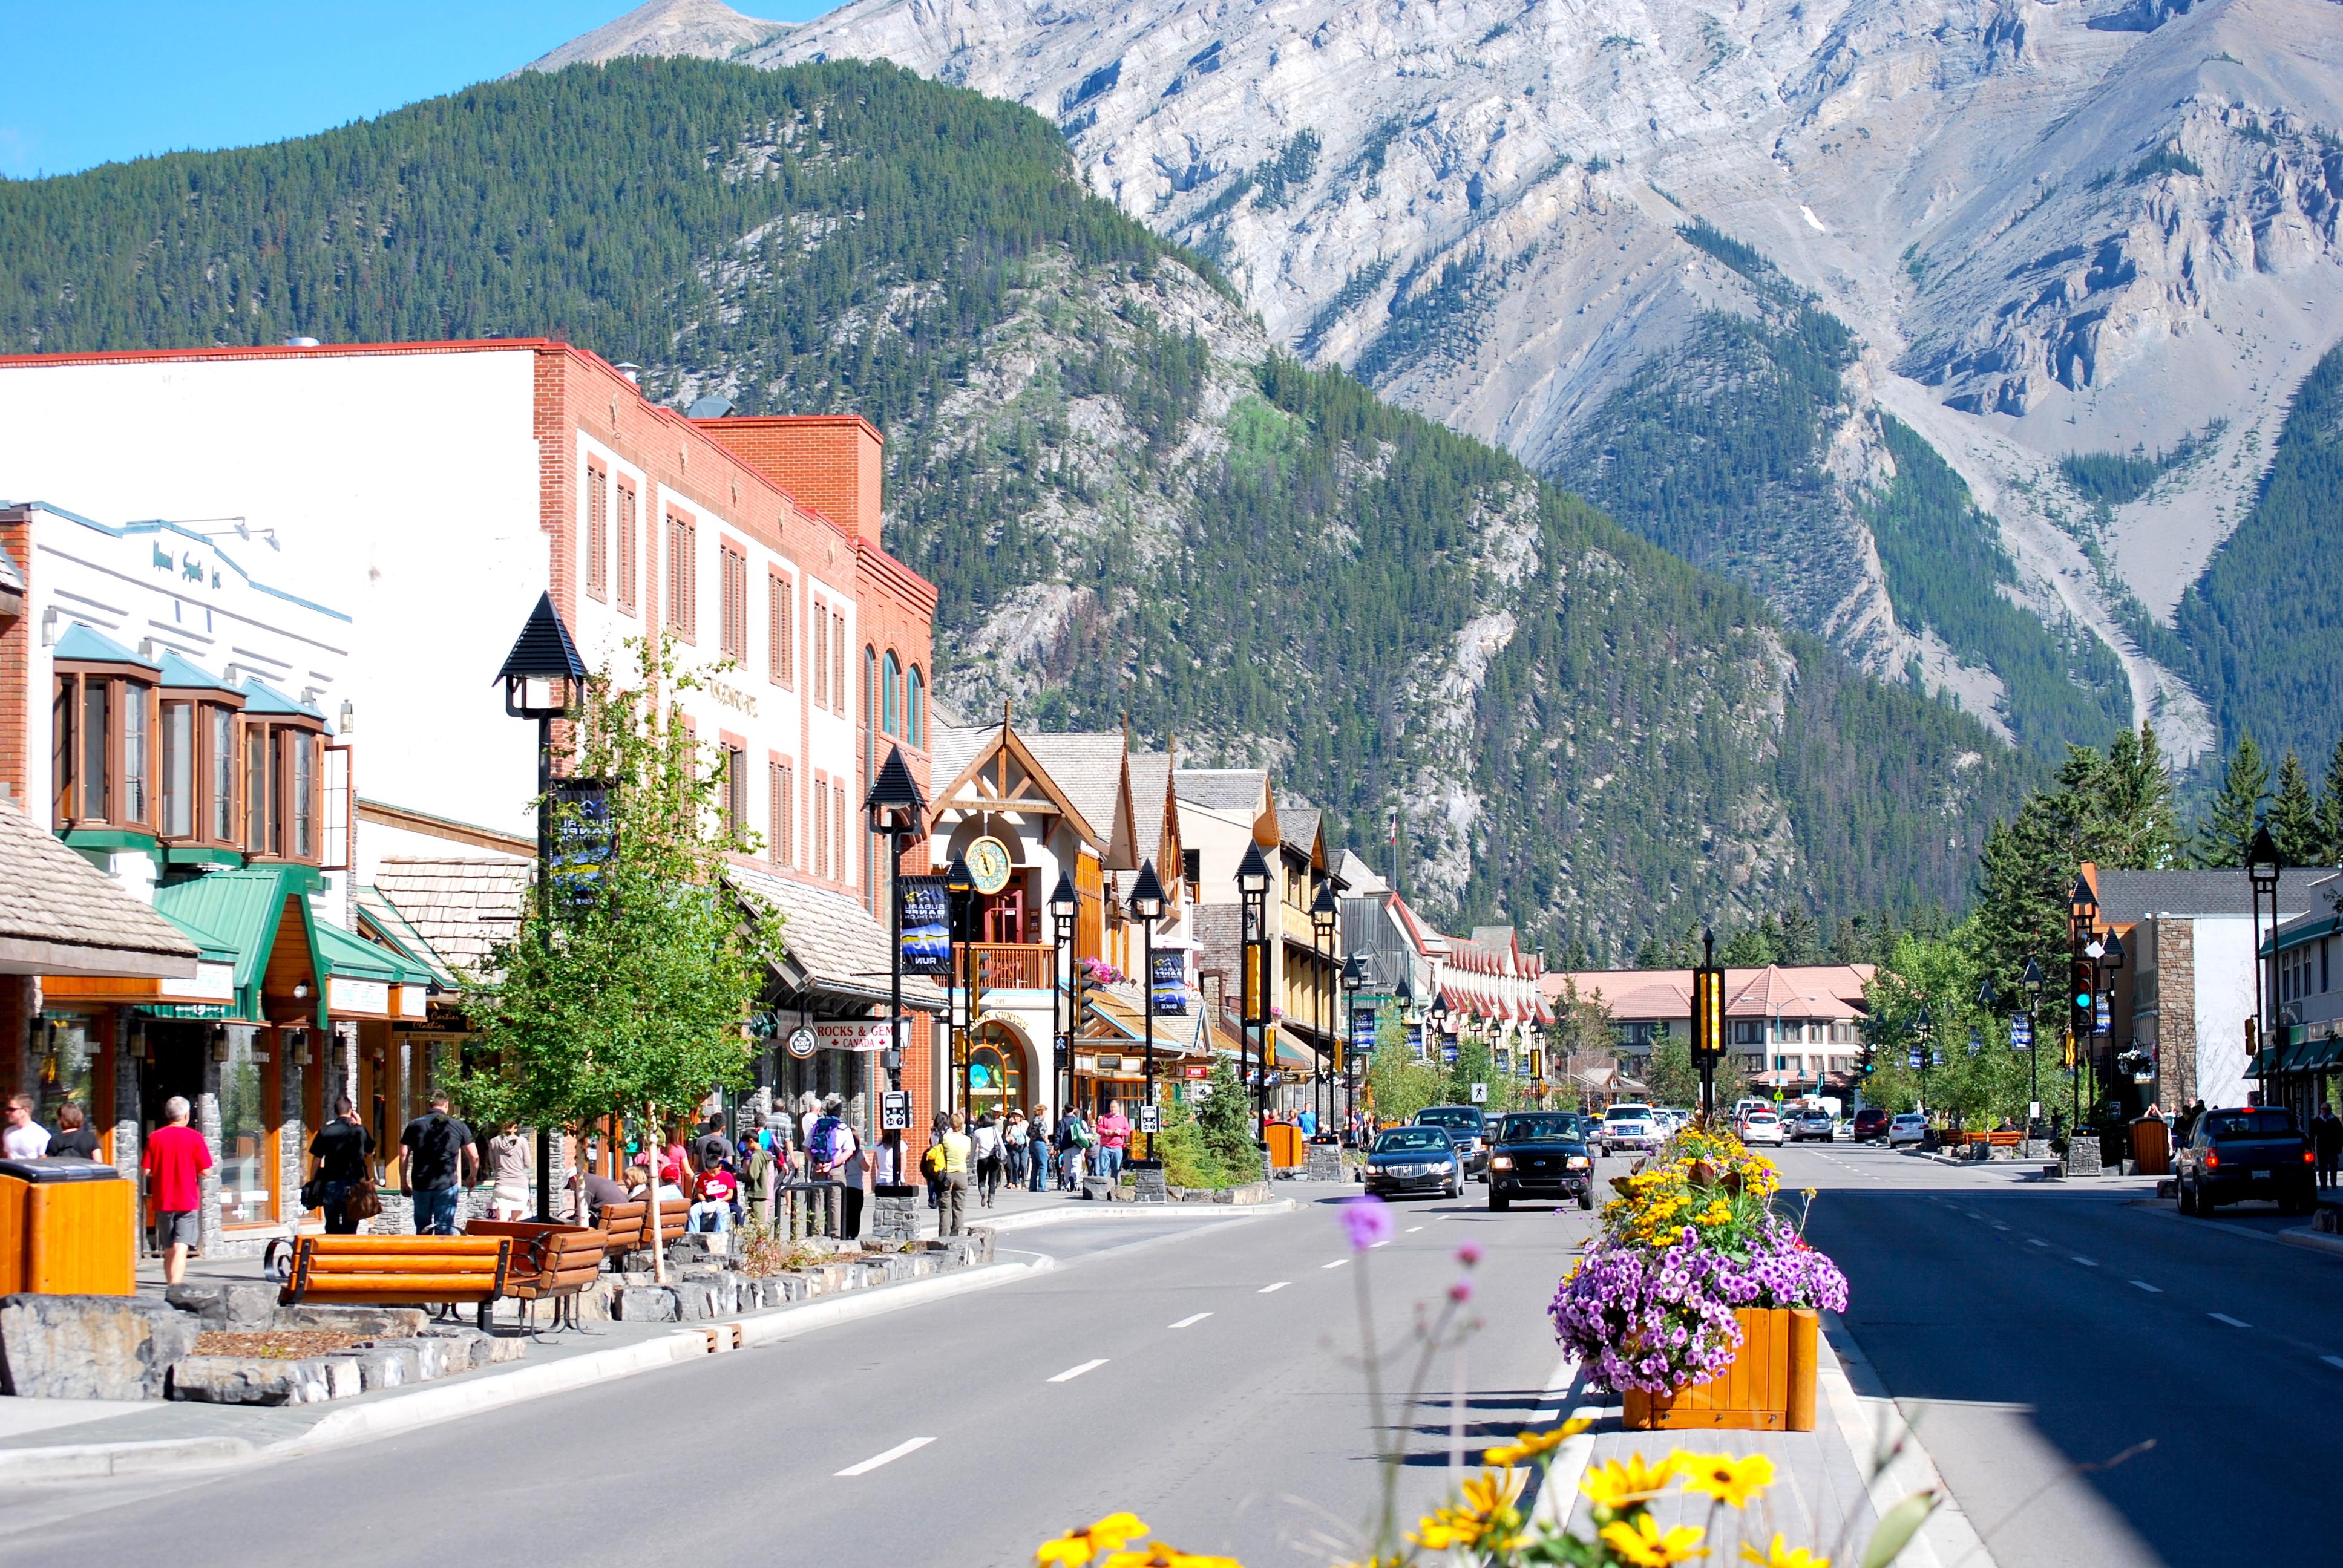 Durante a primavera, o verão, ou em qualquer estação, Banff esbanja beleza e hospitalidade